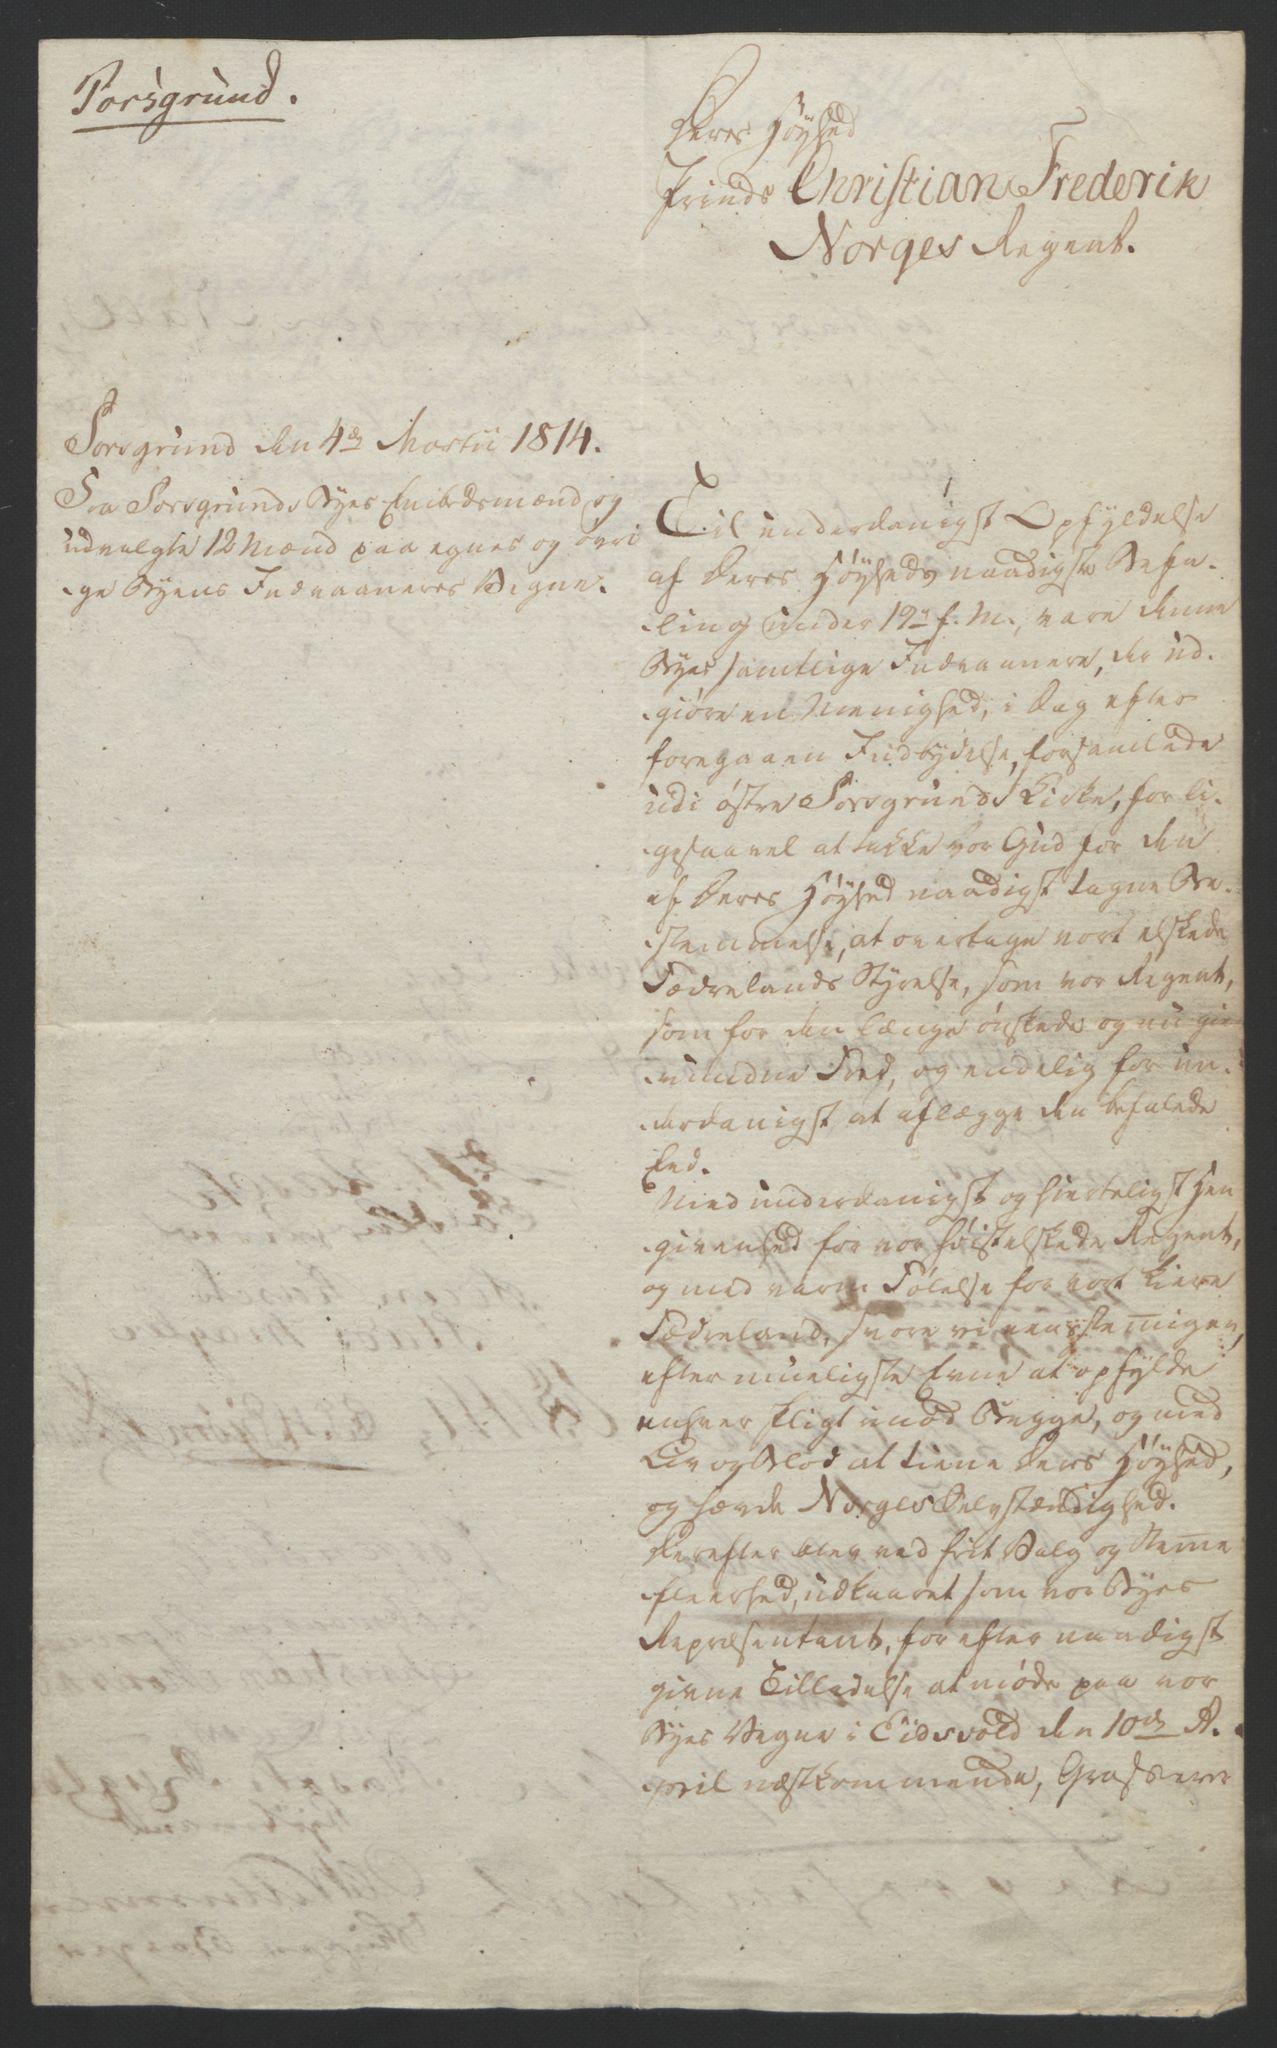 RA, Statsrådssekretariatet, D/Db/L0007: Fullmakter for Eidsvollsrepresentantene i 1814. , 1814, s. 35